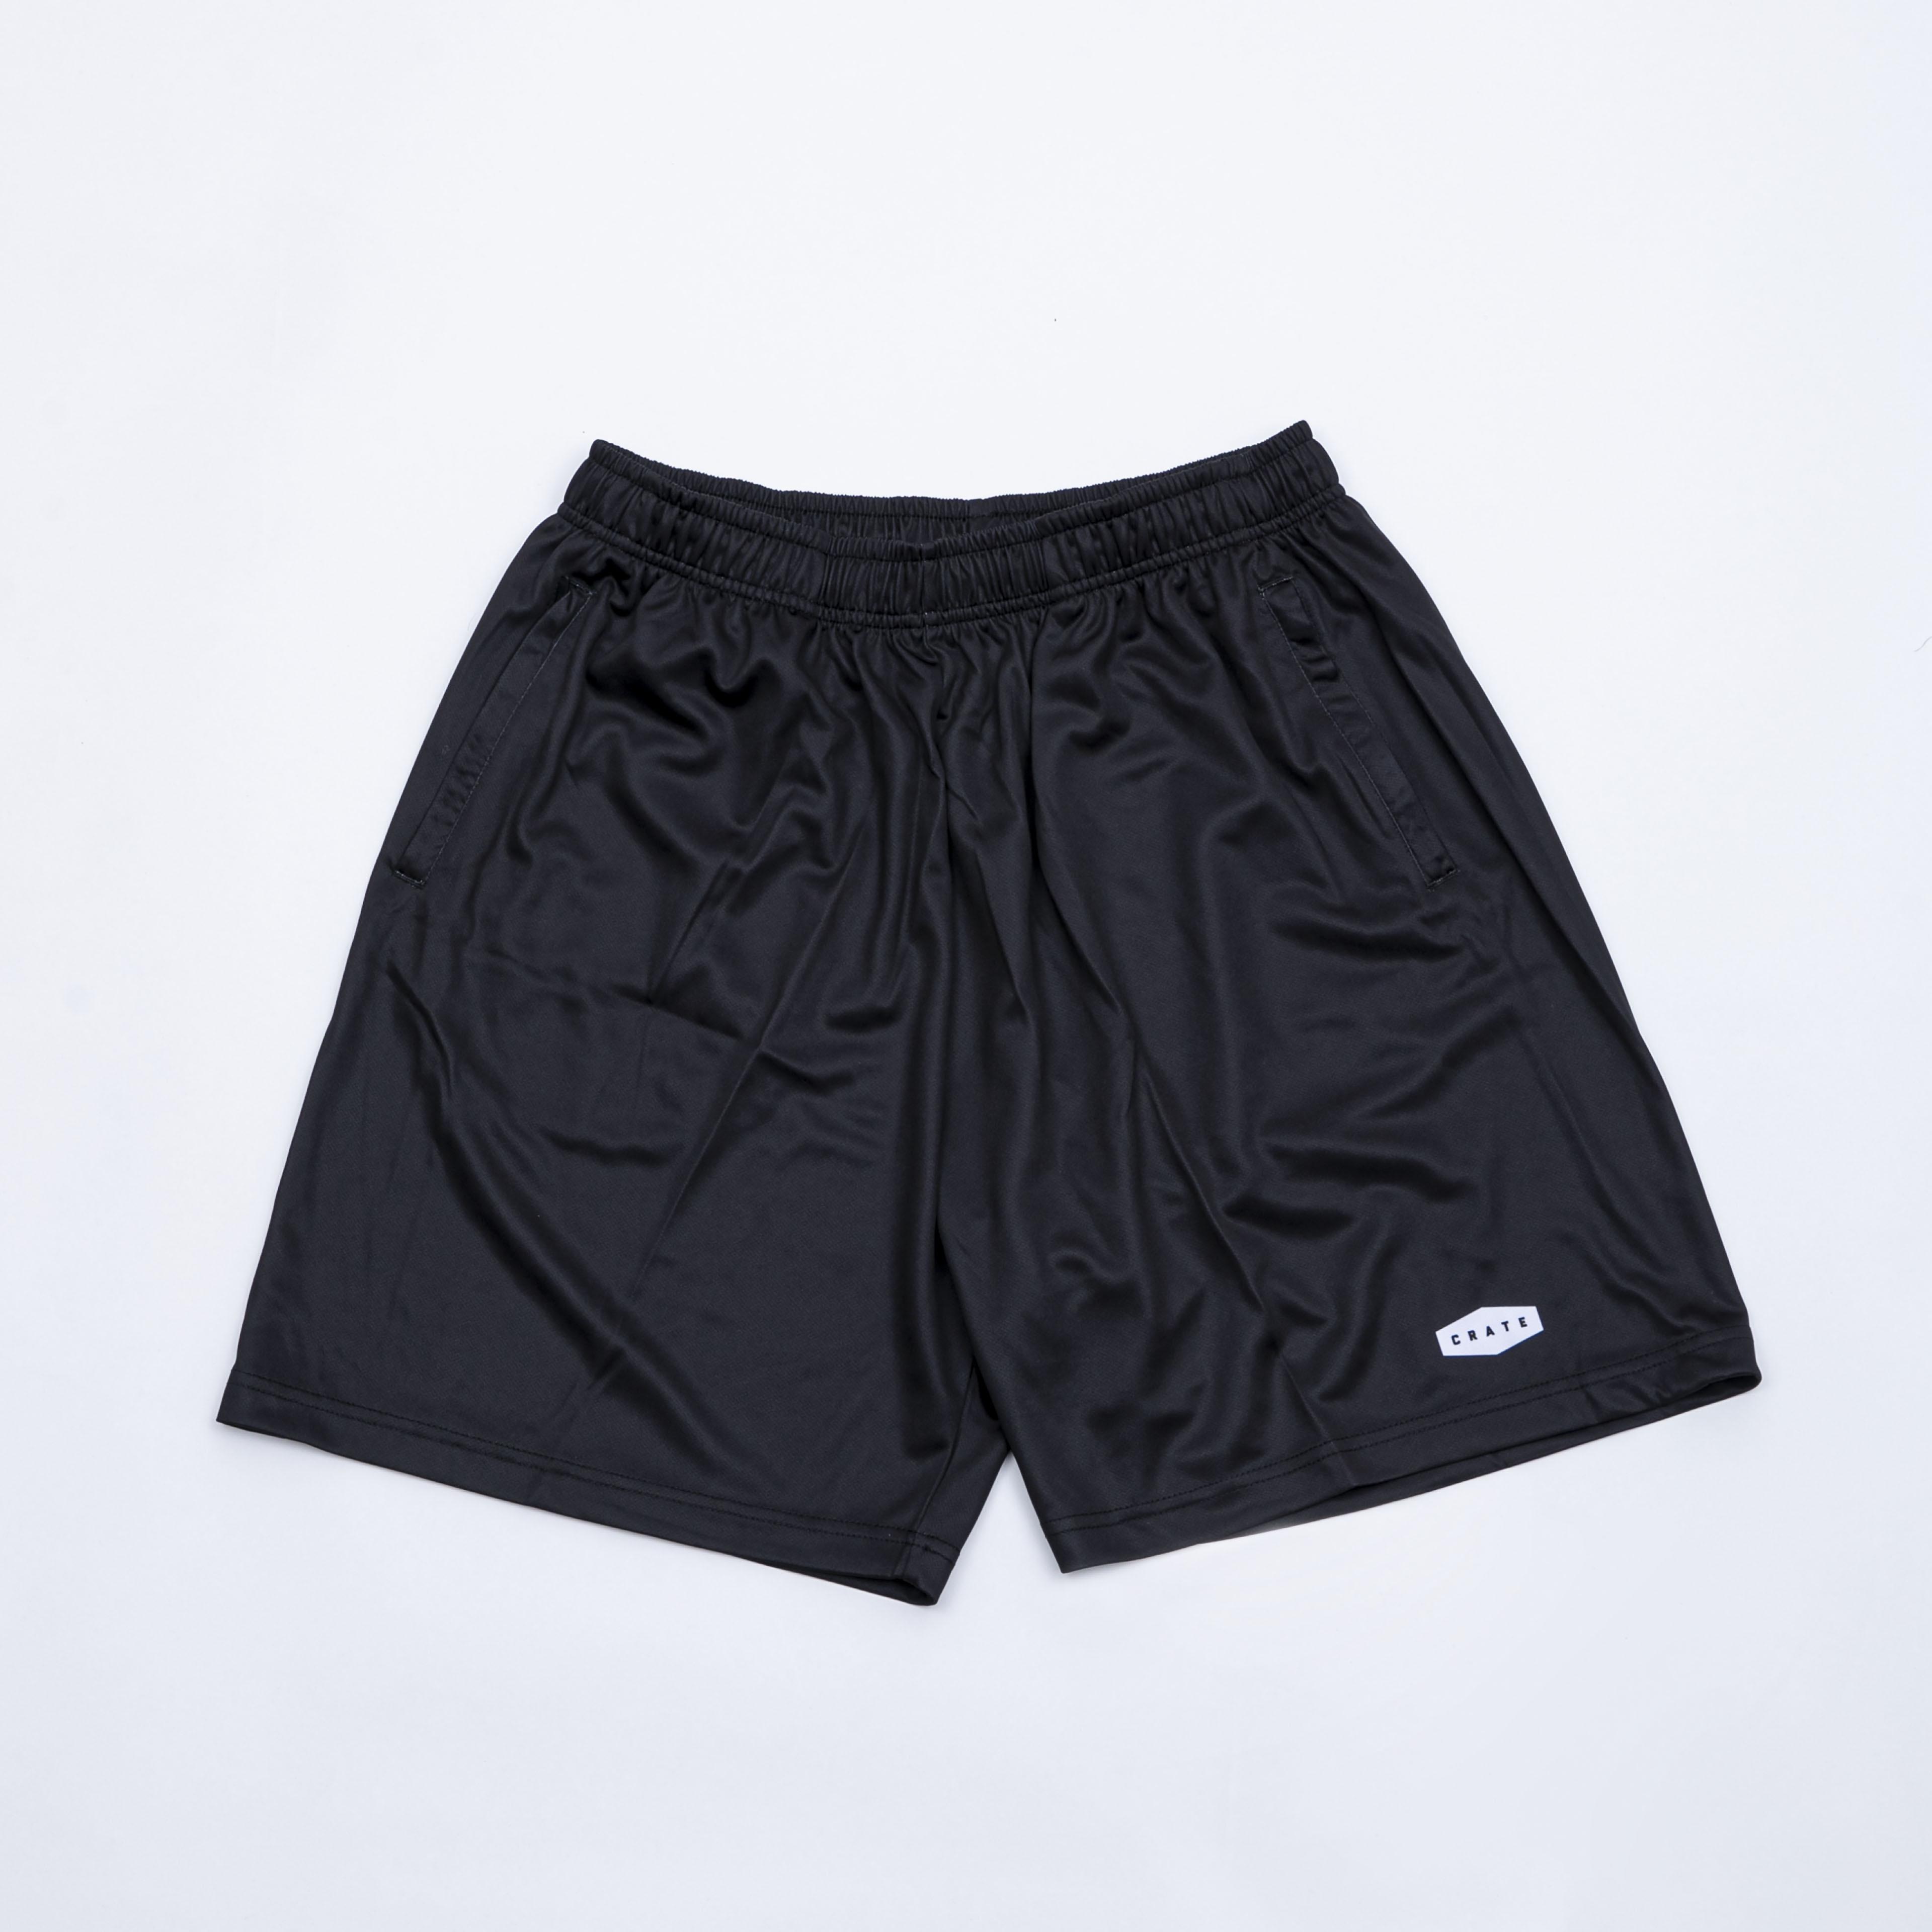 CRATE LOGO Mesh Pants BLACK